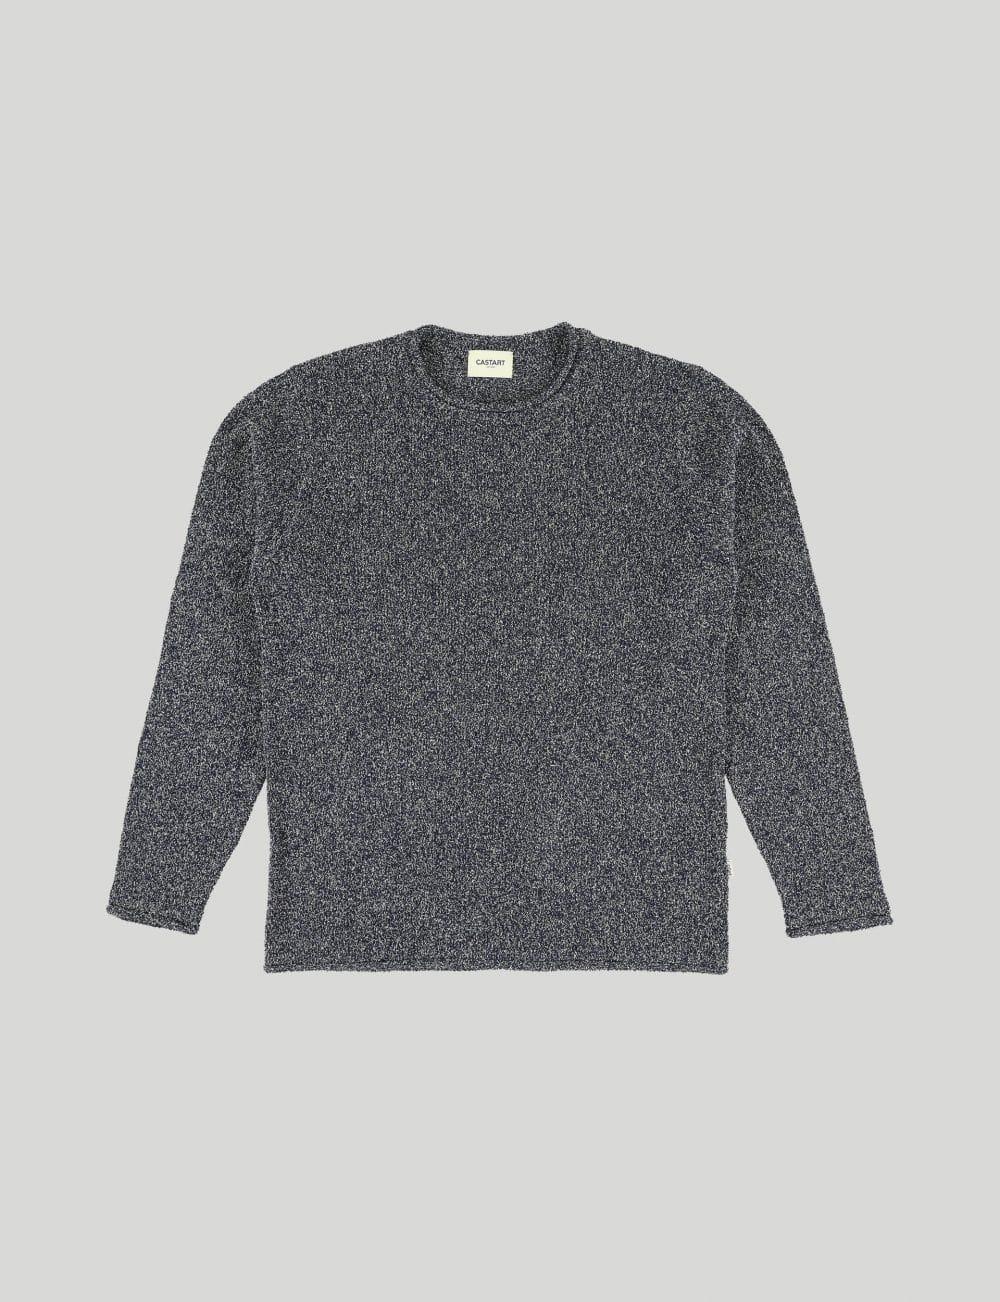 Castart - Ghost knitwear - Navy Blue